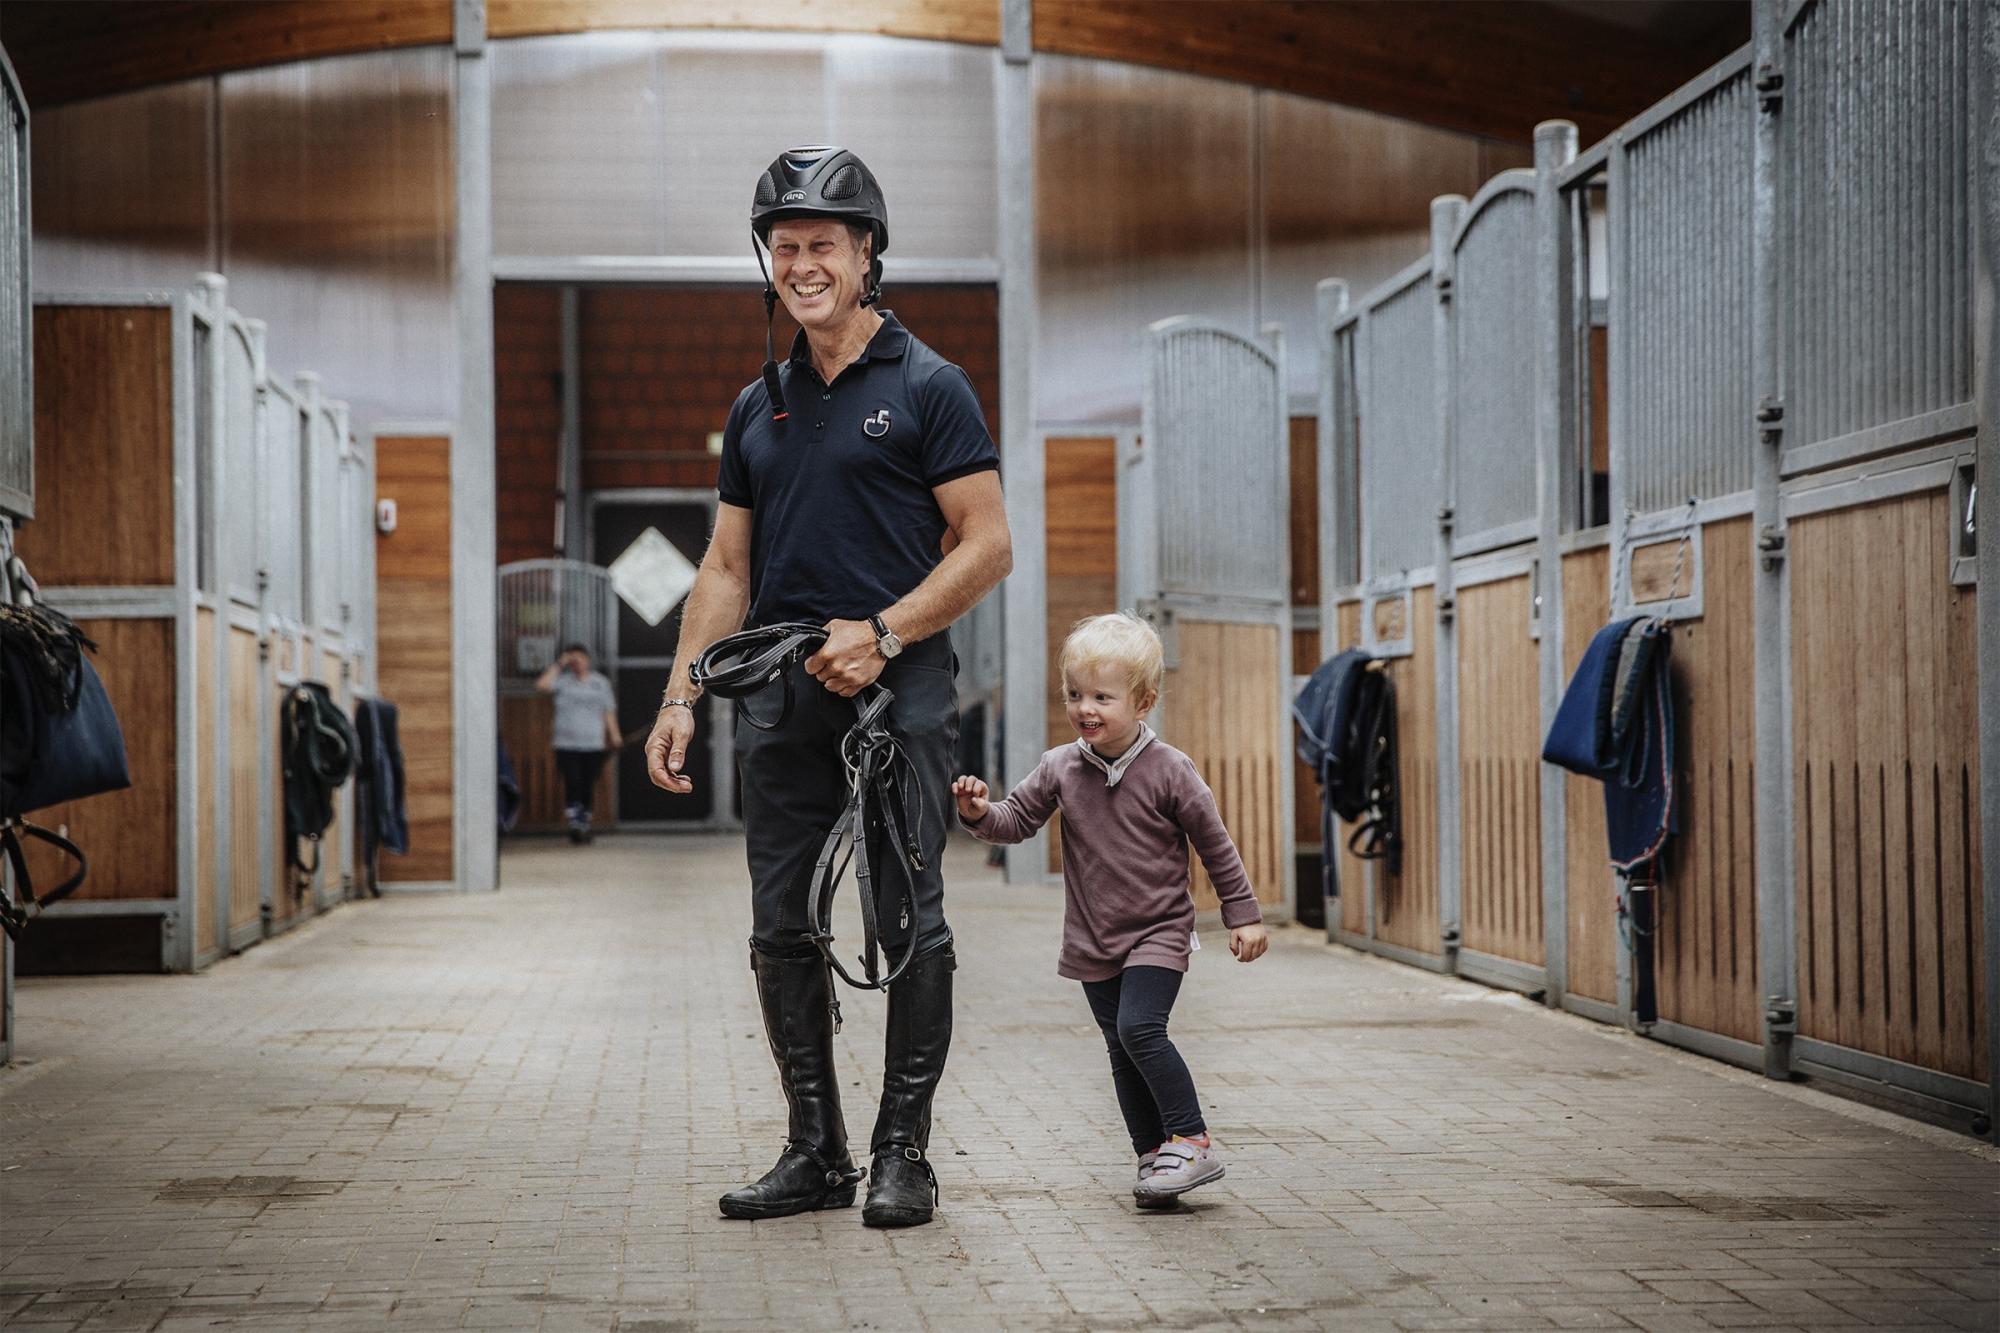 Pamina Och Rolf-göran Träffas I StalletFoto: Lottapictures P: 2017-19